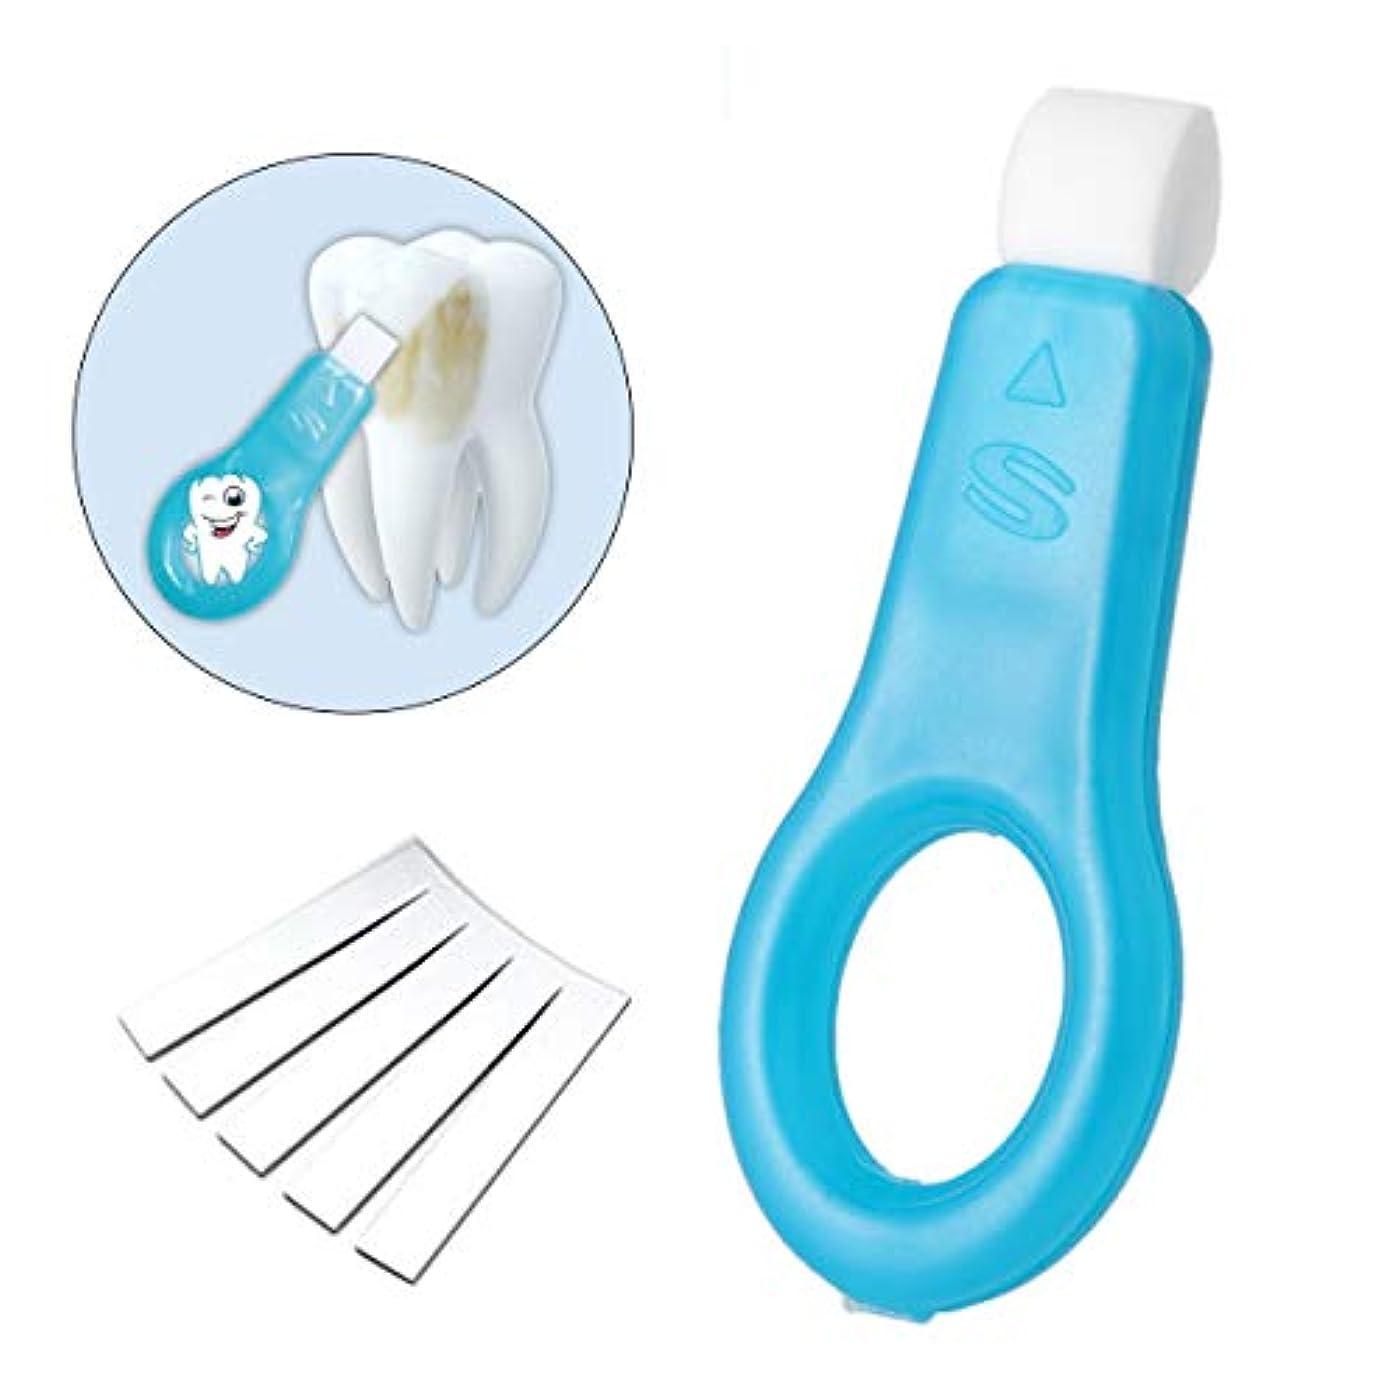 好ましい両方感謝祭Ourine 歯 消しゴム ピーリングスポンジ ホームケア用 ホワイトニング ブラシ歯をきれいにするキット 本体 (ブルー)+替えスポンジ5枚 セット (青)